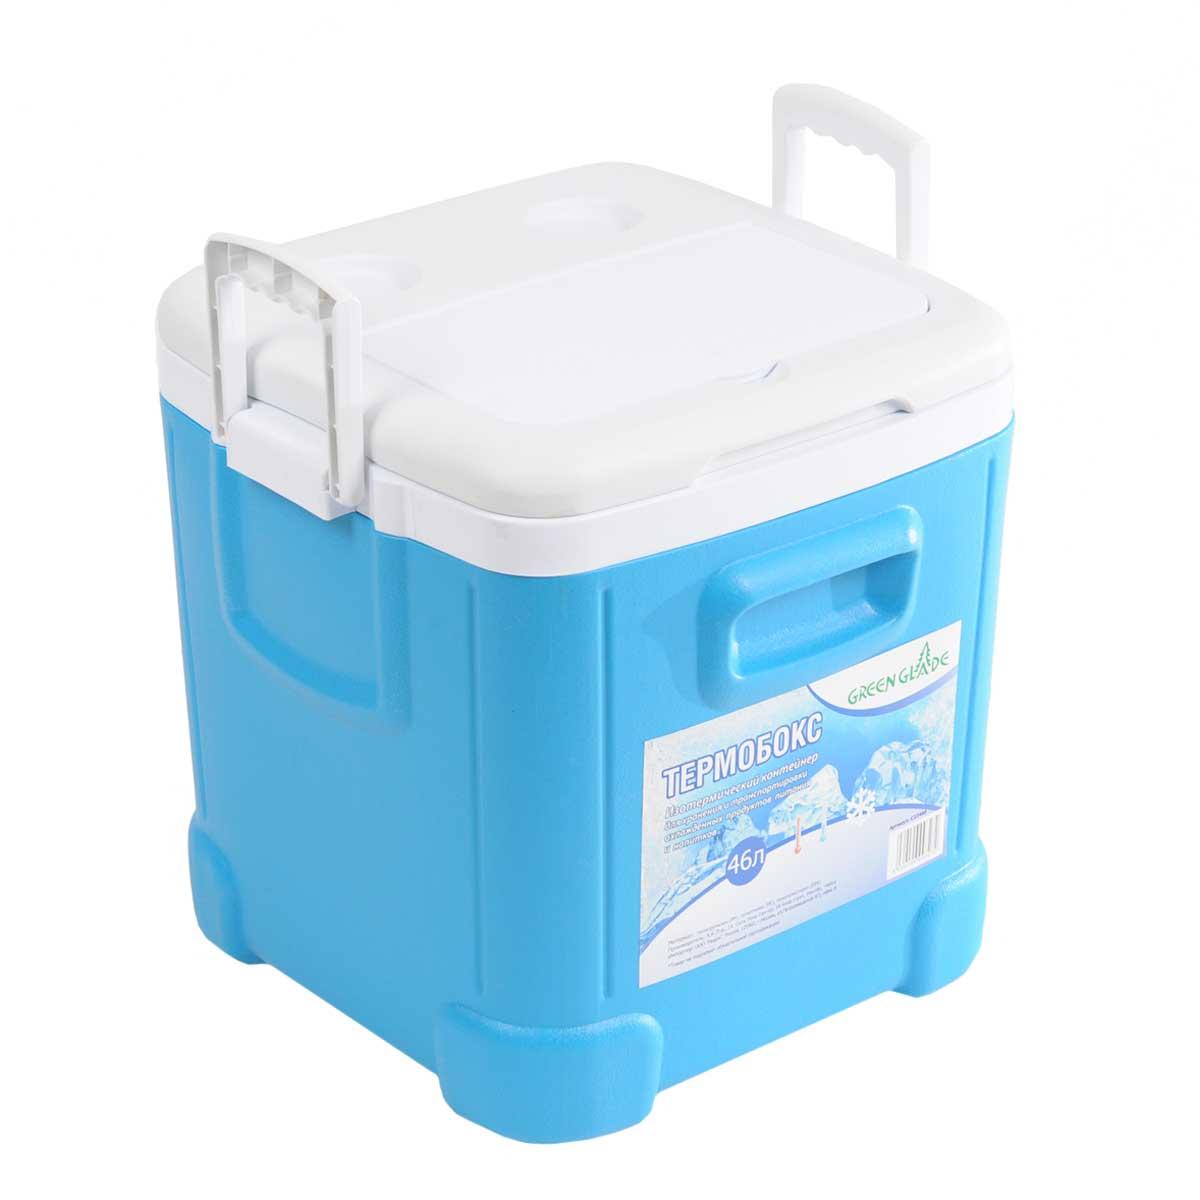 Контейнер изотермический Green Glade, цвет: голубой, 46 лС22460Легкий и прочный изотермический контейнер Green Glade предназначен для сохранения определенной температуры продуктов во время длительных поездок. Корпус и крышка контейнера изготовлены из высококачественного пластика. Между двойными стенками находится термоизоляционный слой, который обеспечивает сохранение температуры. Крышку можно использовать в качестве подноса, на ней имеются специальные углубления для стаканчиков, и еще одно отделение под закуски. Удобные ручки по бокам обеспечат легкое перемещение контейнера. В нижней части контейнера имеется заглушка, которая поможет слить воду при постепенном размораживании продуктов. При использовании аккумулятора холода контейнер обеспечивает сохранение продуктов холодными до 12 часов. Контейнер идеально подходит для отдыха на природе, пикников, туристических походов и путешествий. Контейнеры Green Glade можно использовать не только для ...